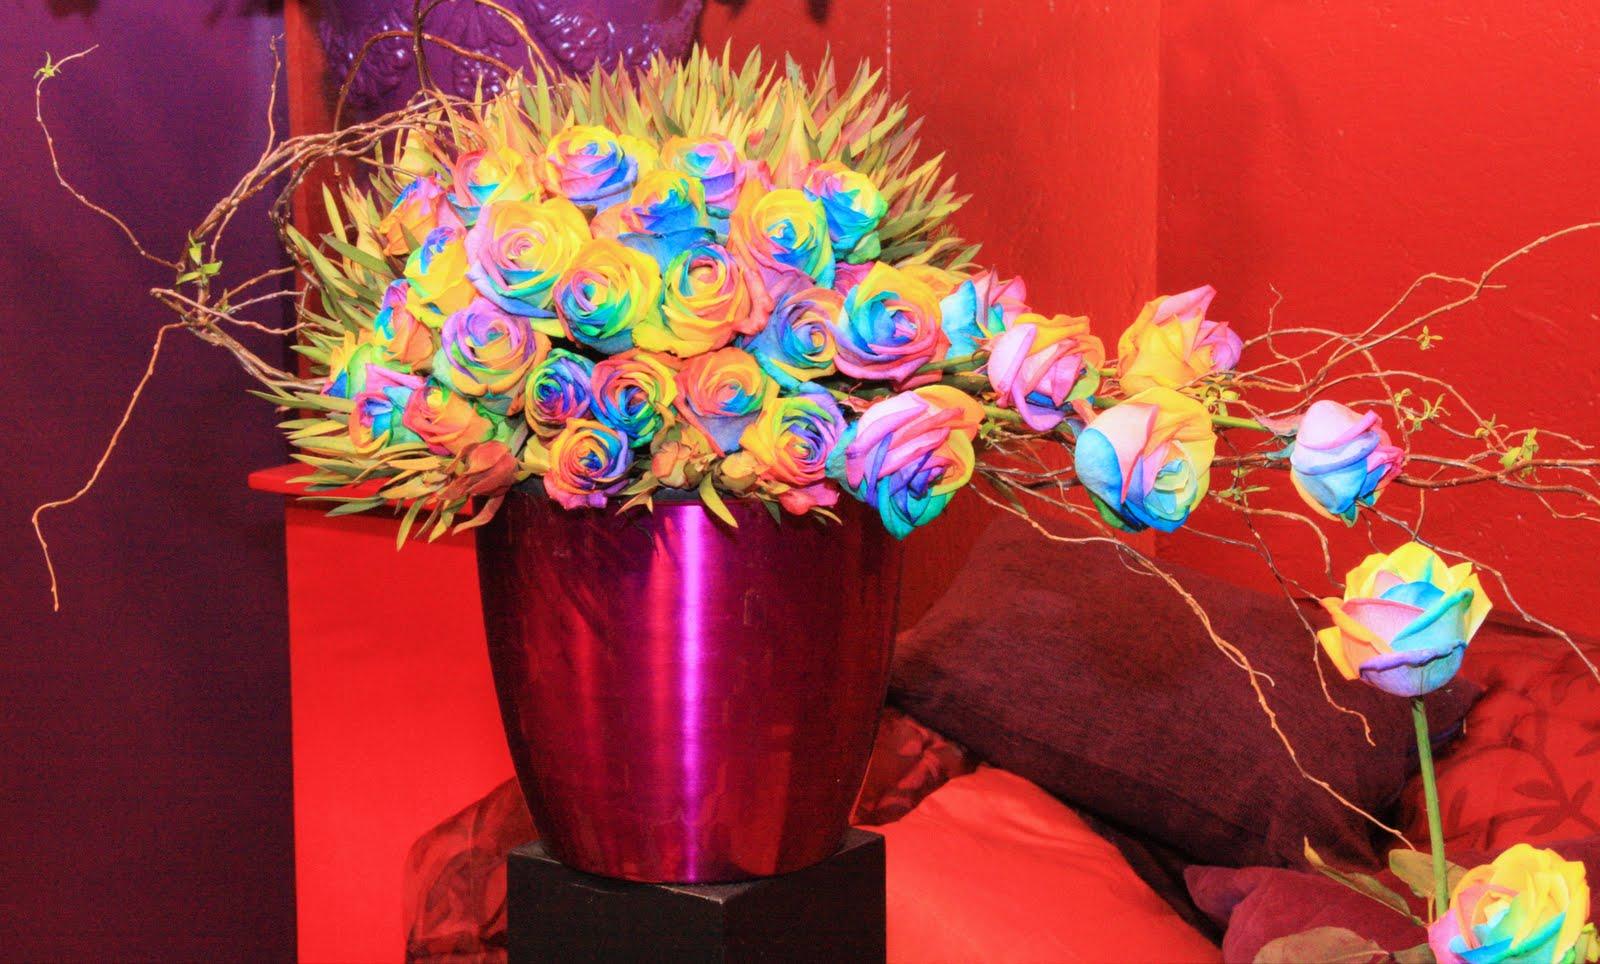 Fotos Da Cidade De Flores Pernambuco - festa de fátima flores pe 2009 blog do fábio arruda